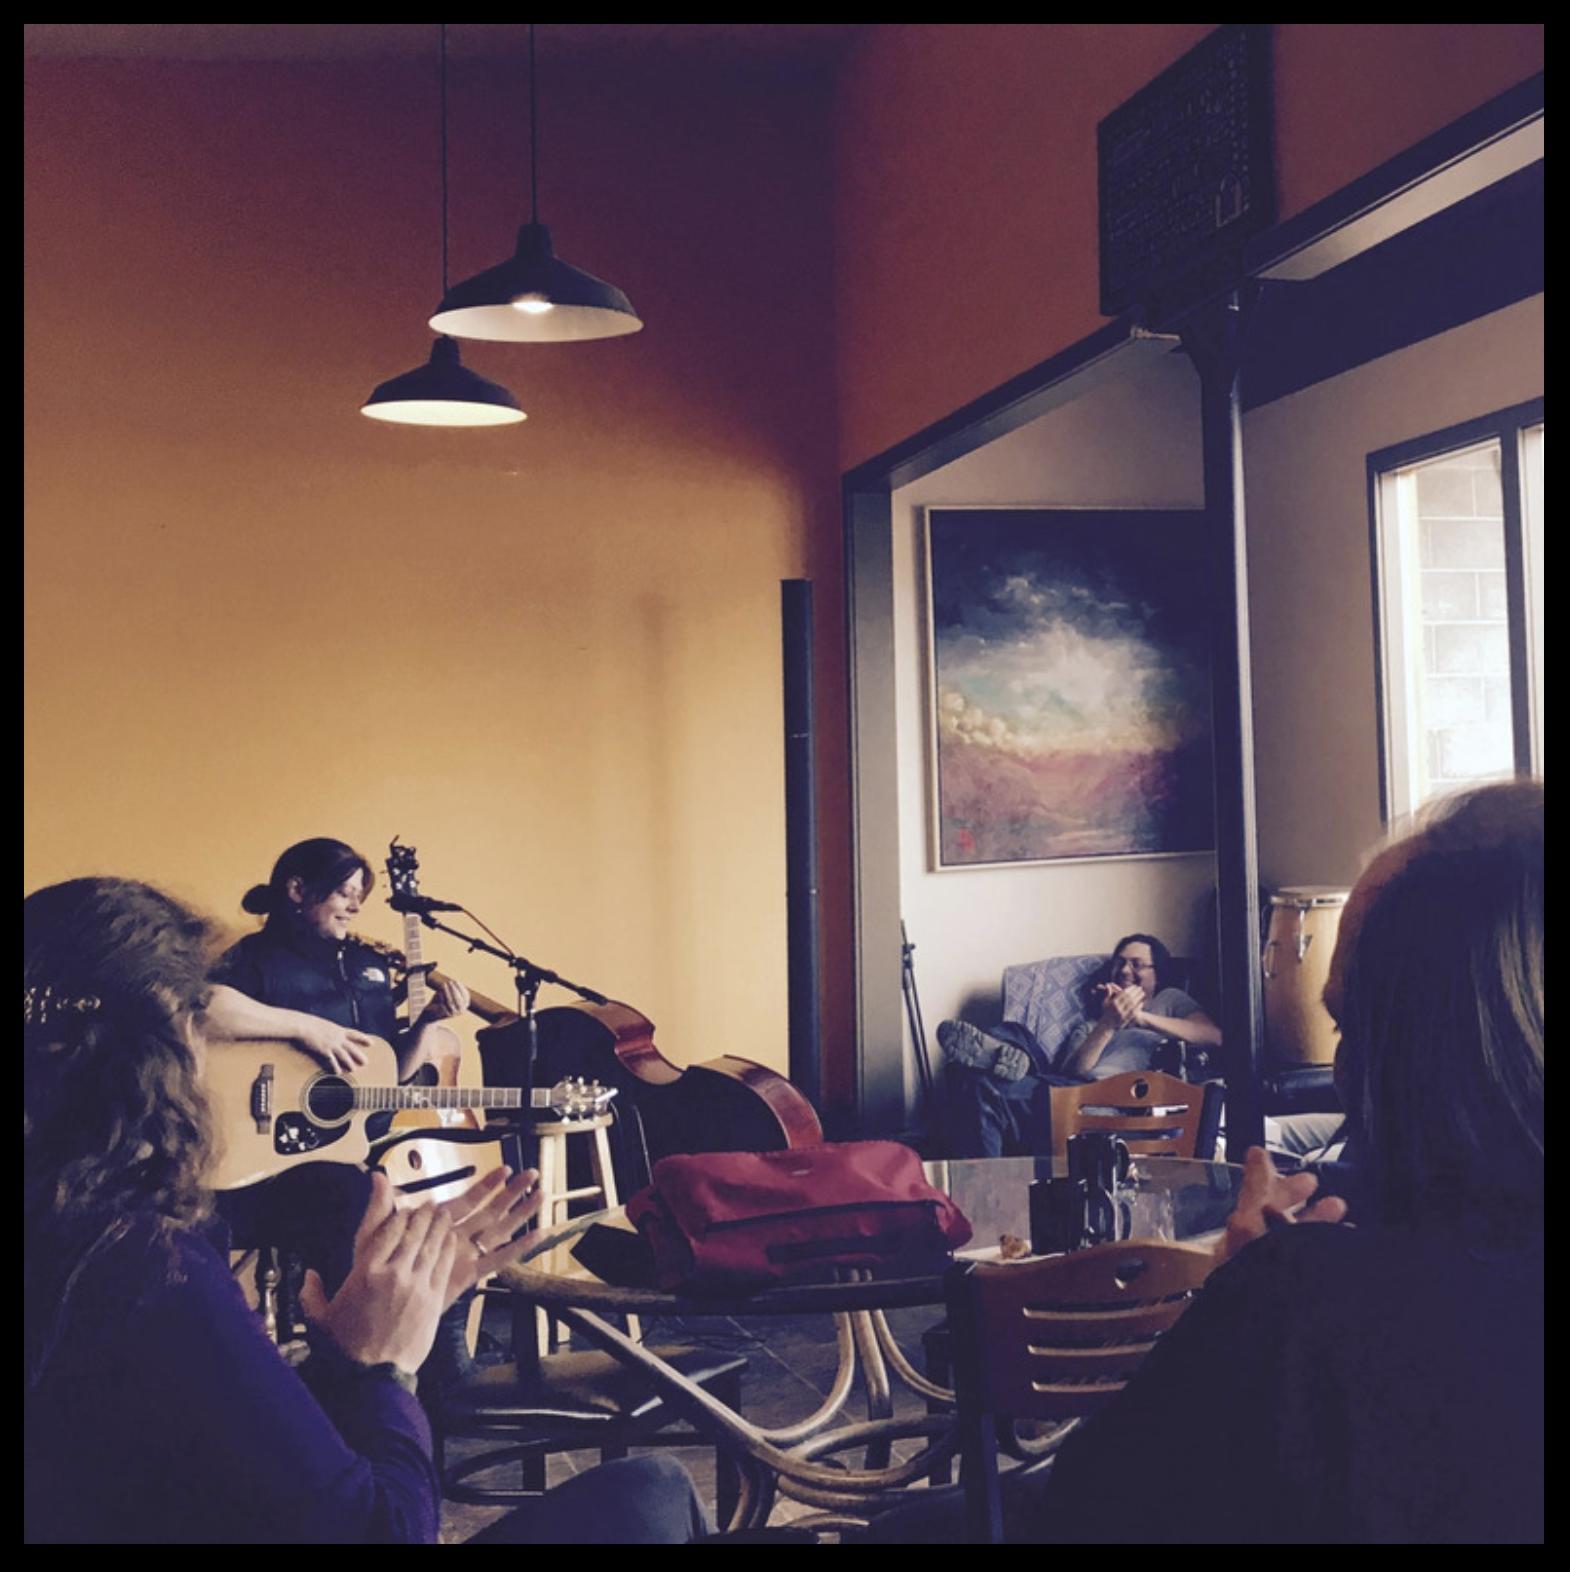 La Baguette Cafe